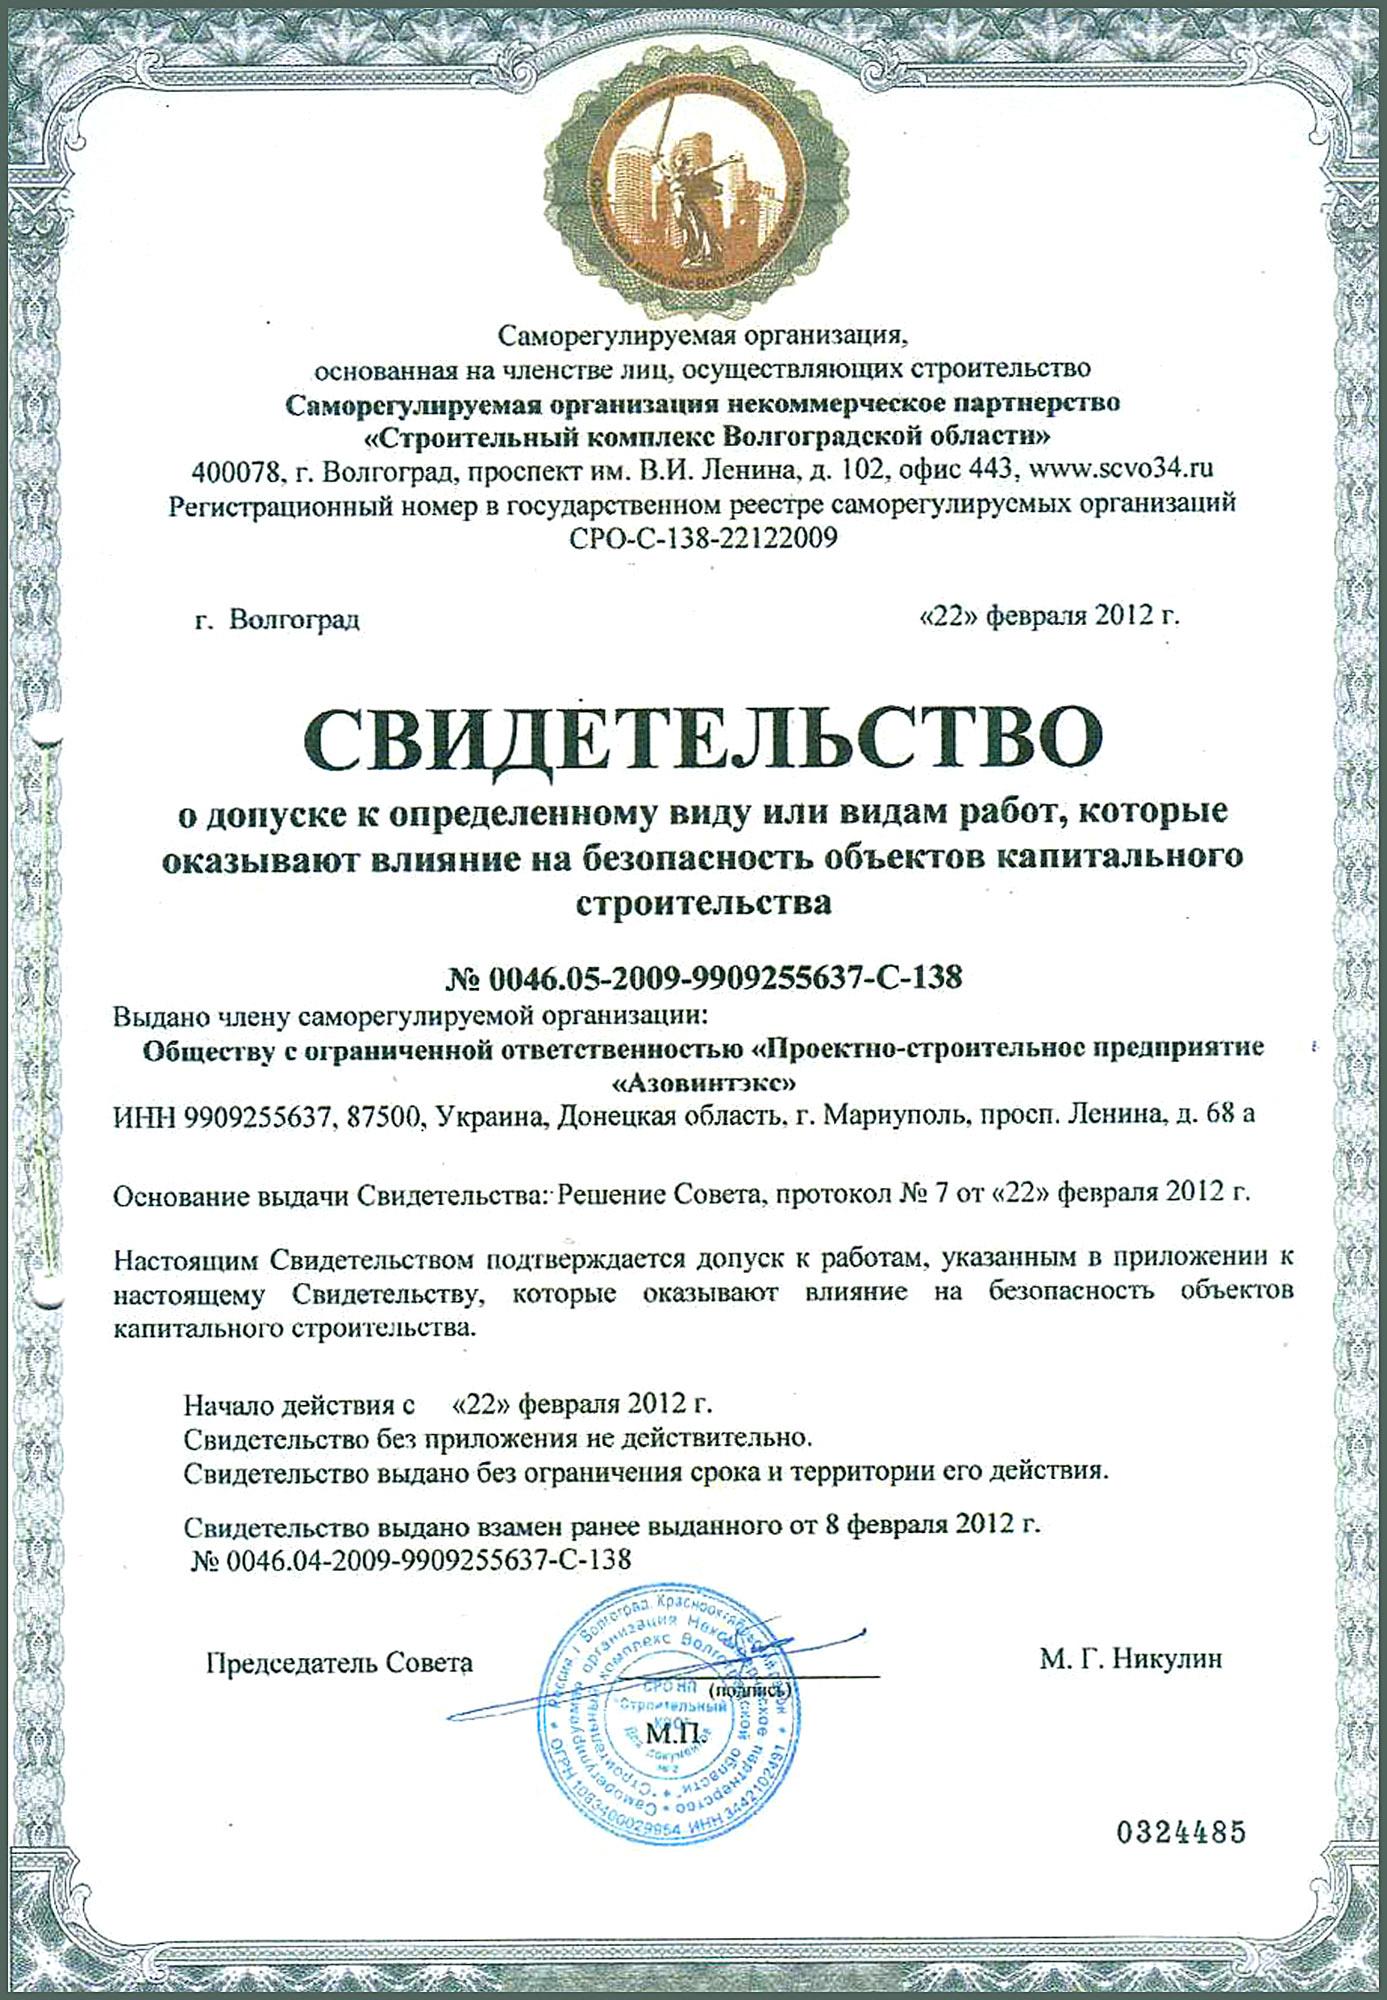 Свидетельство СРО 22_02_12 л1